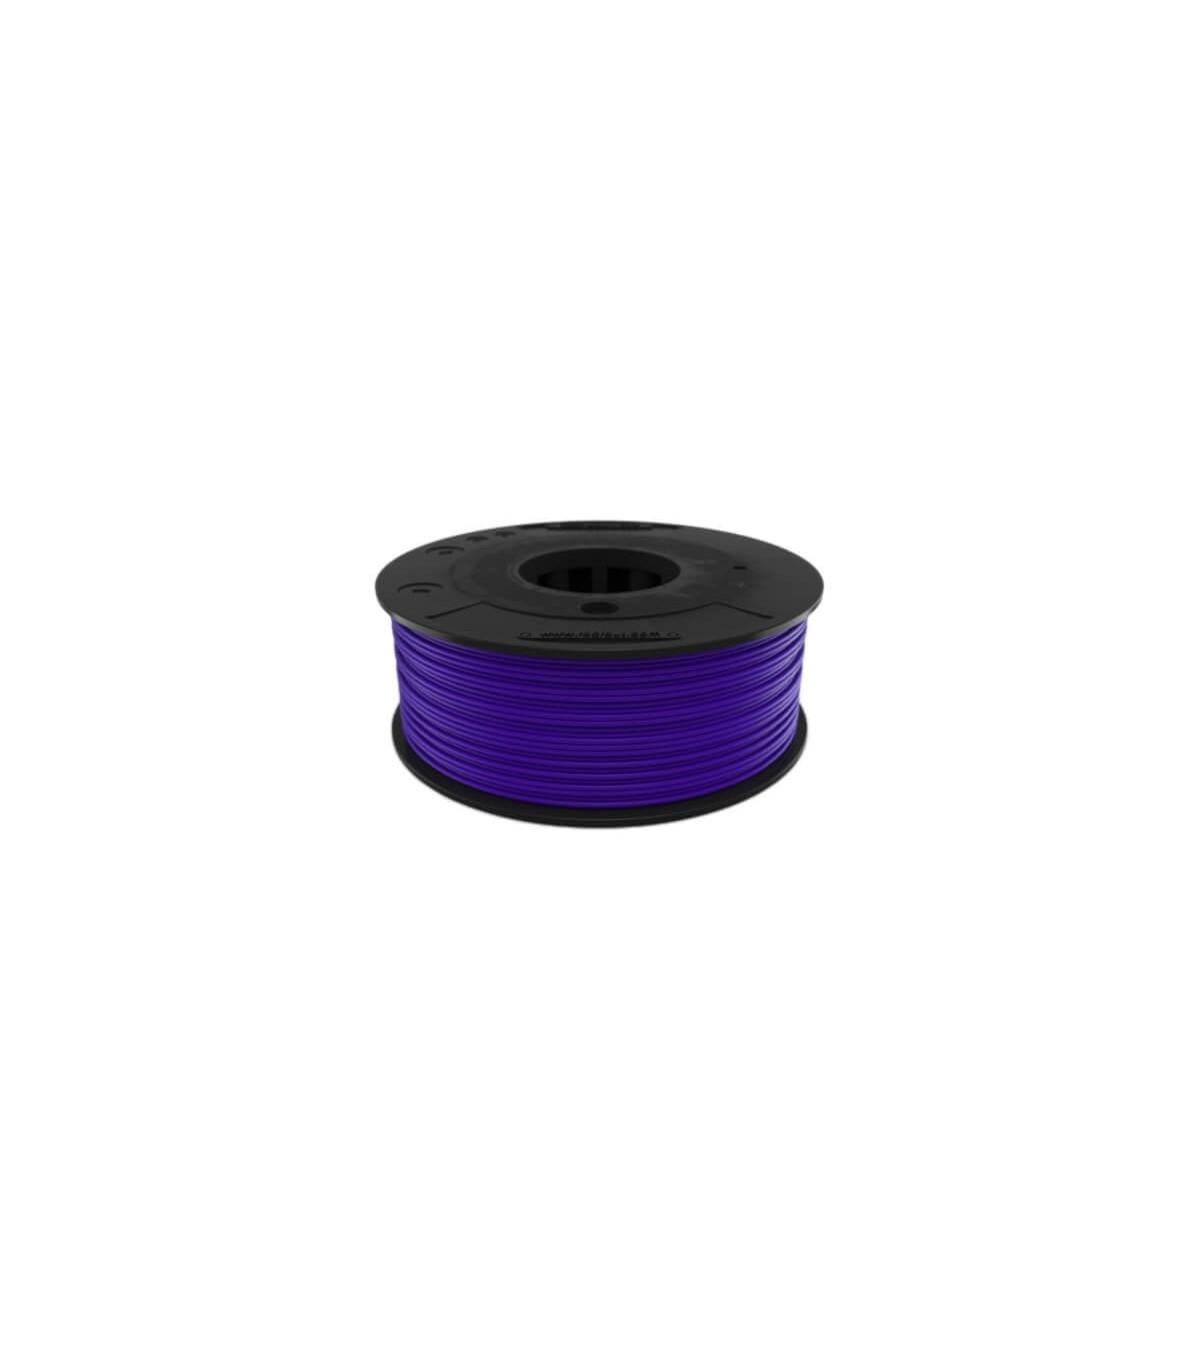 FilaFlex  Purple 82A TPE Filament 2.85 mm 250g